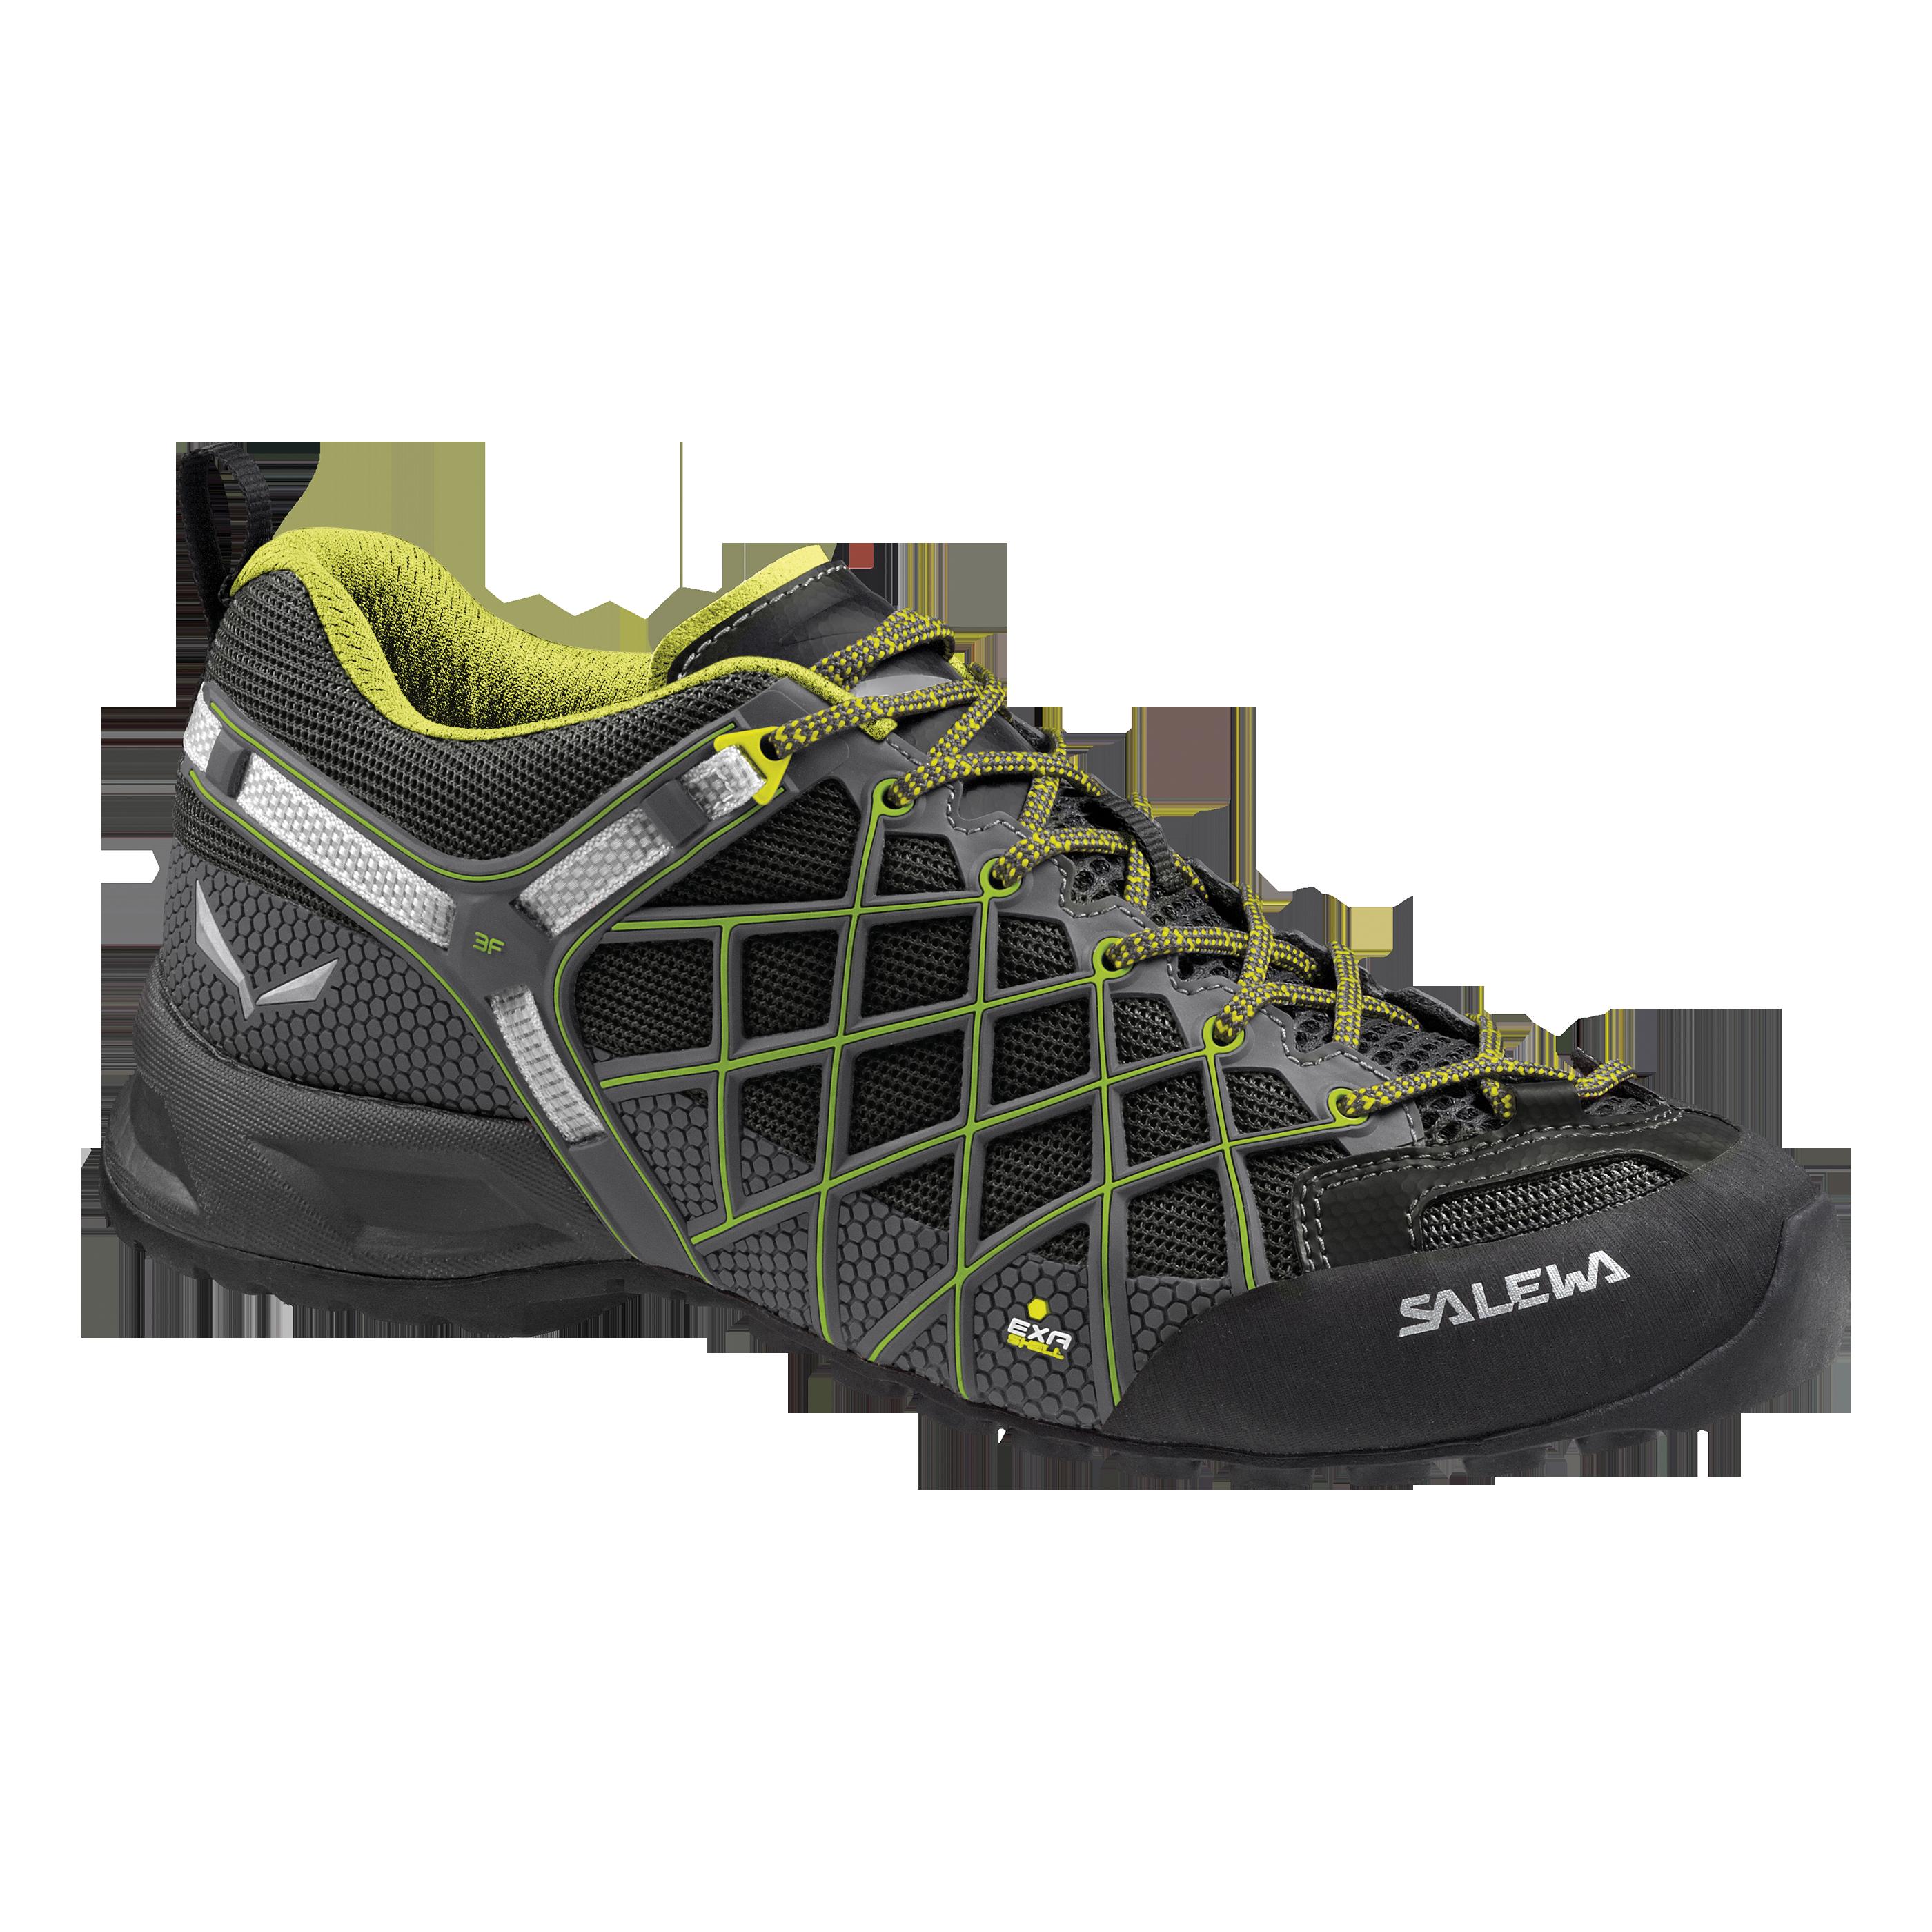 Salewa   Women Hiking Boots & Shoes Salewa Wildfire S GTX